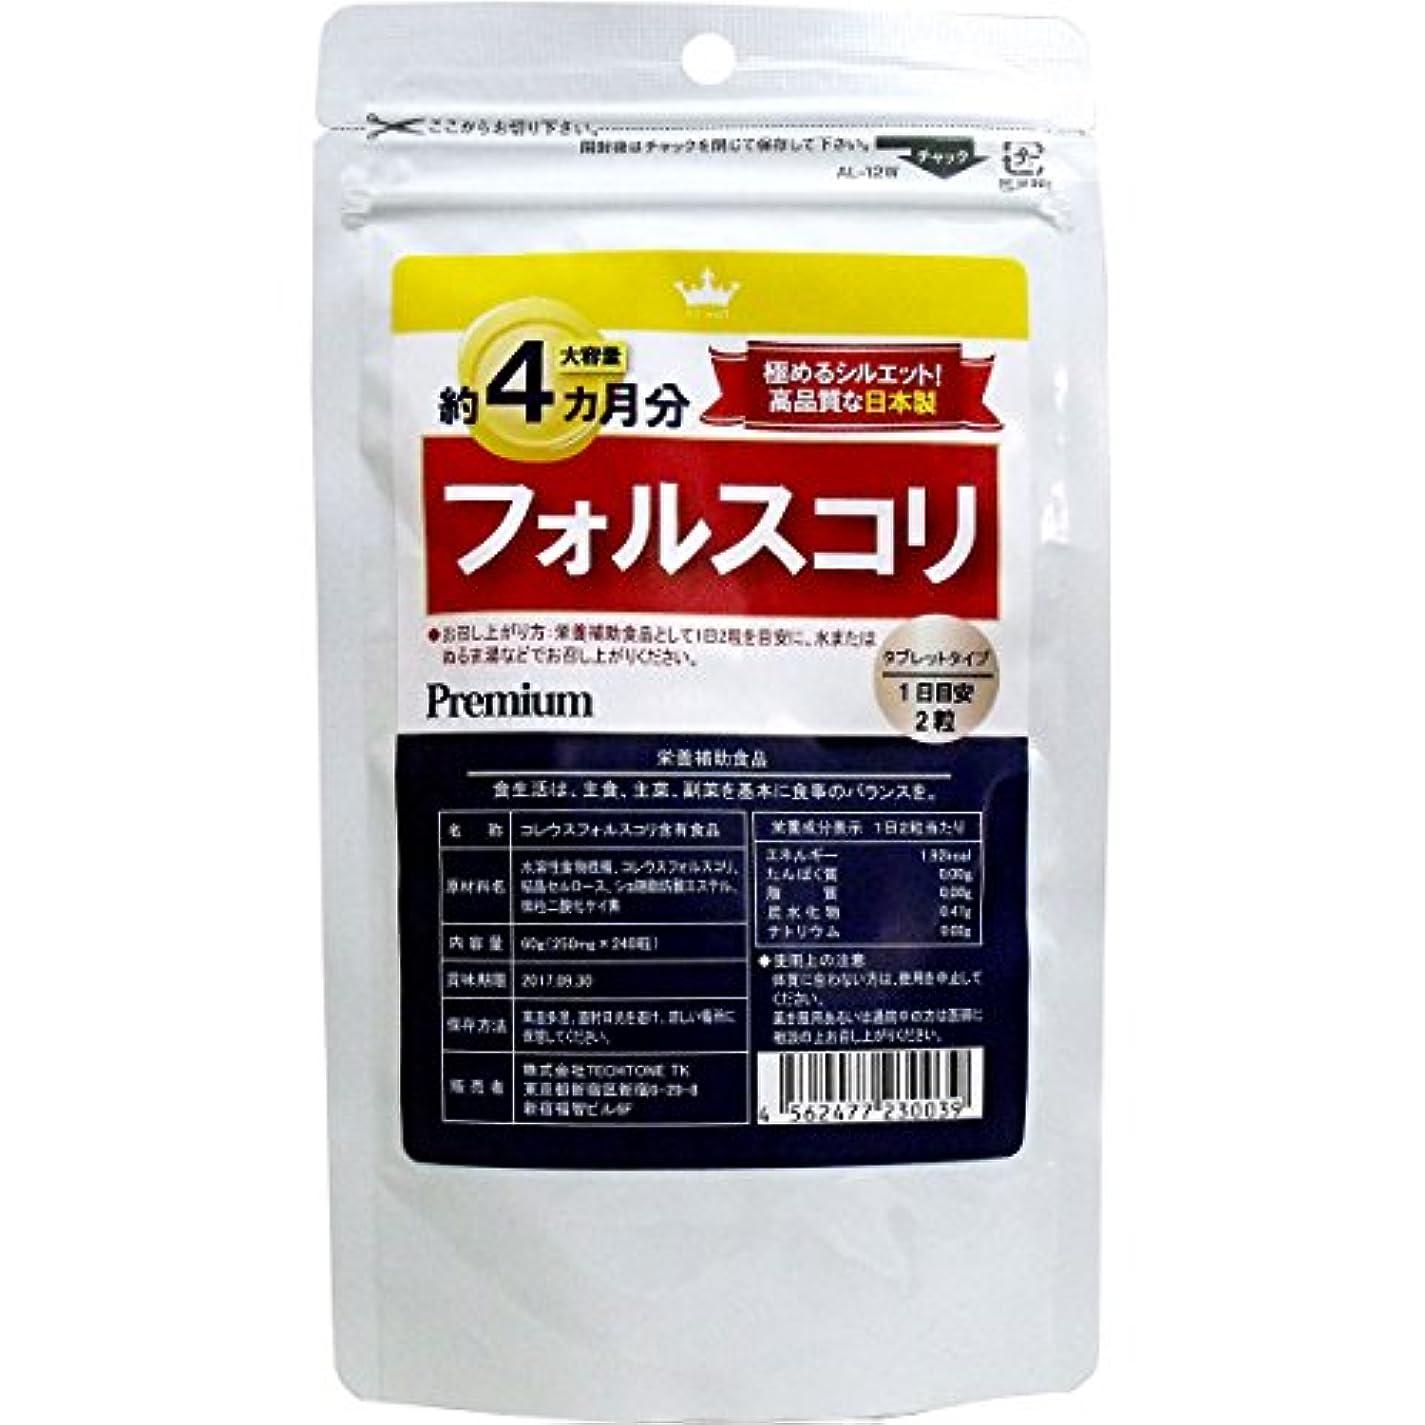 線歴史前奏曲サプリメント 高品質な日本製 健康食品 フォルスコリ 約4カ月分 240粒入【5個セット】